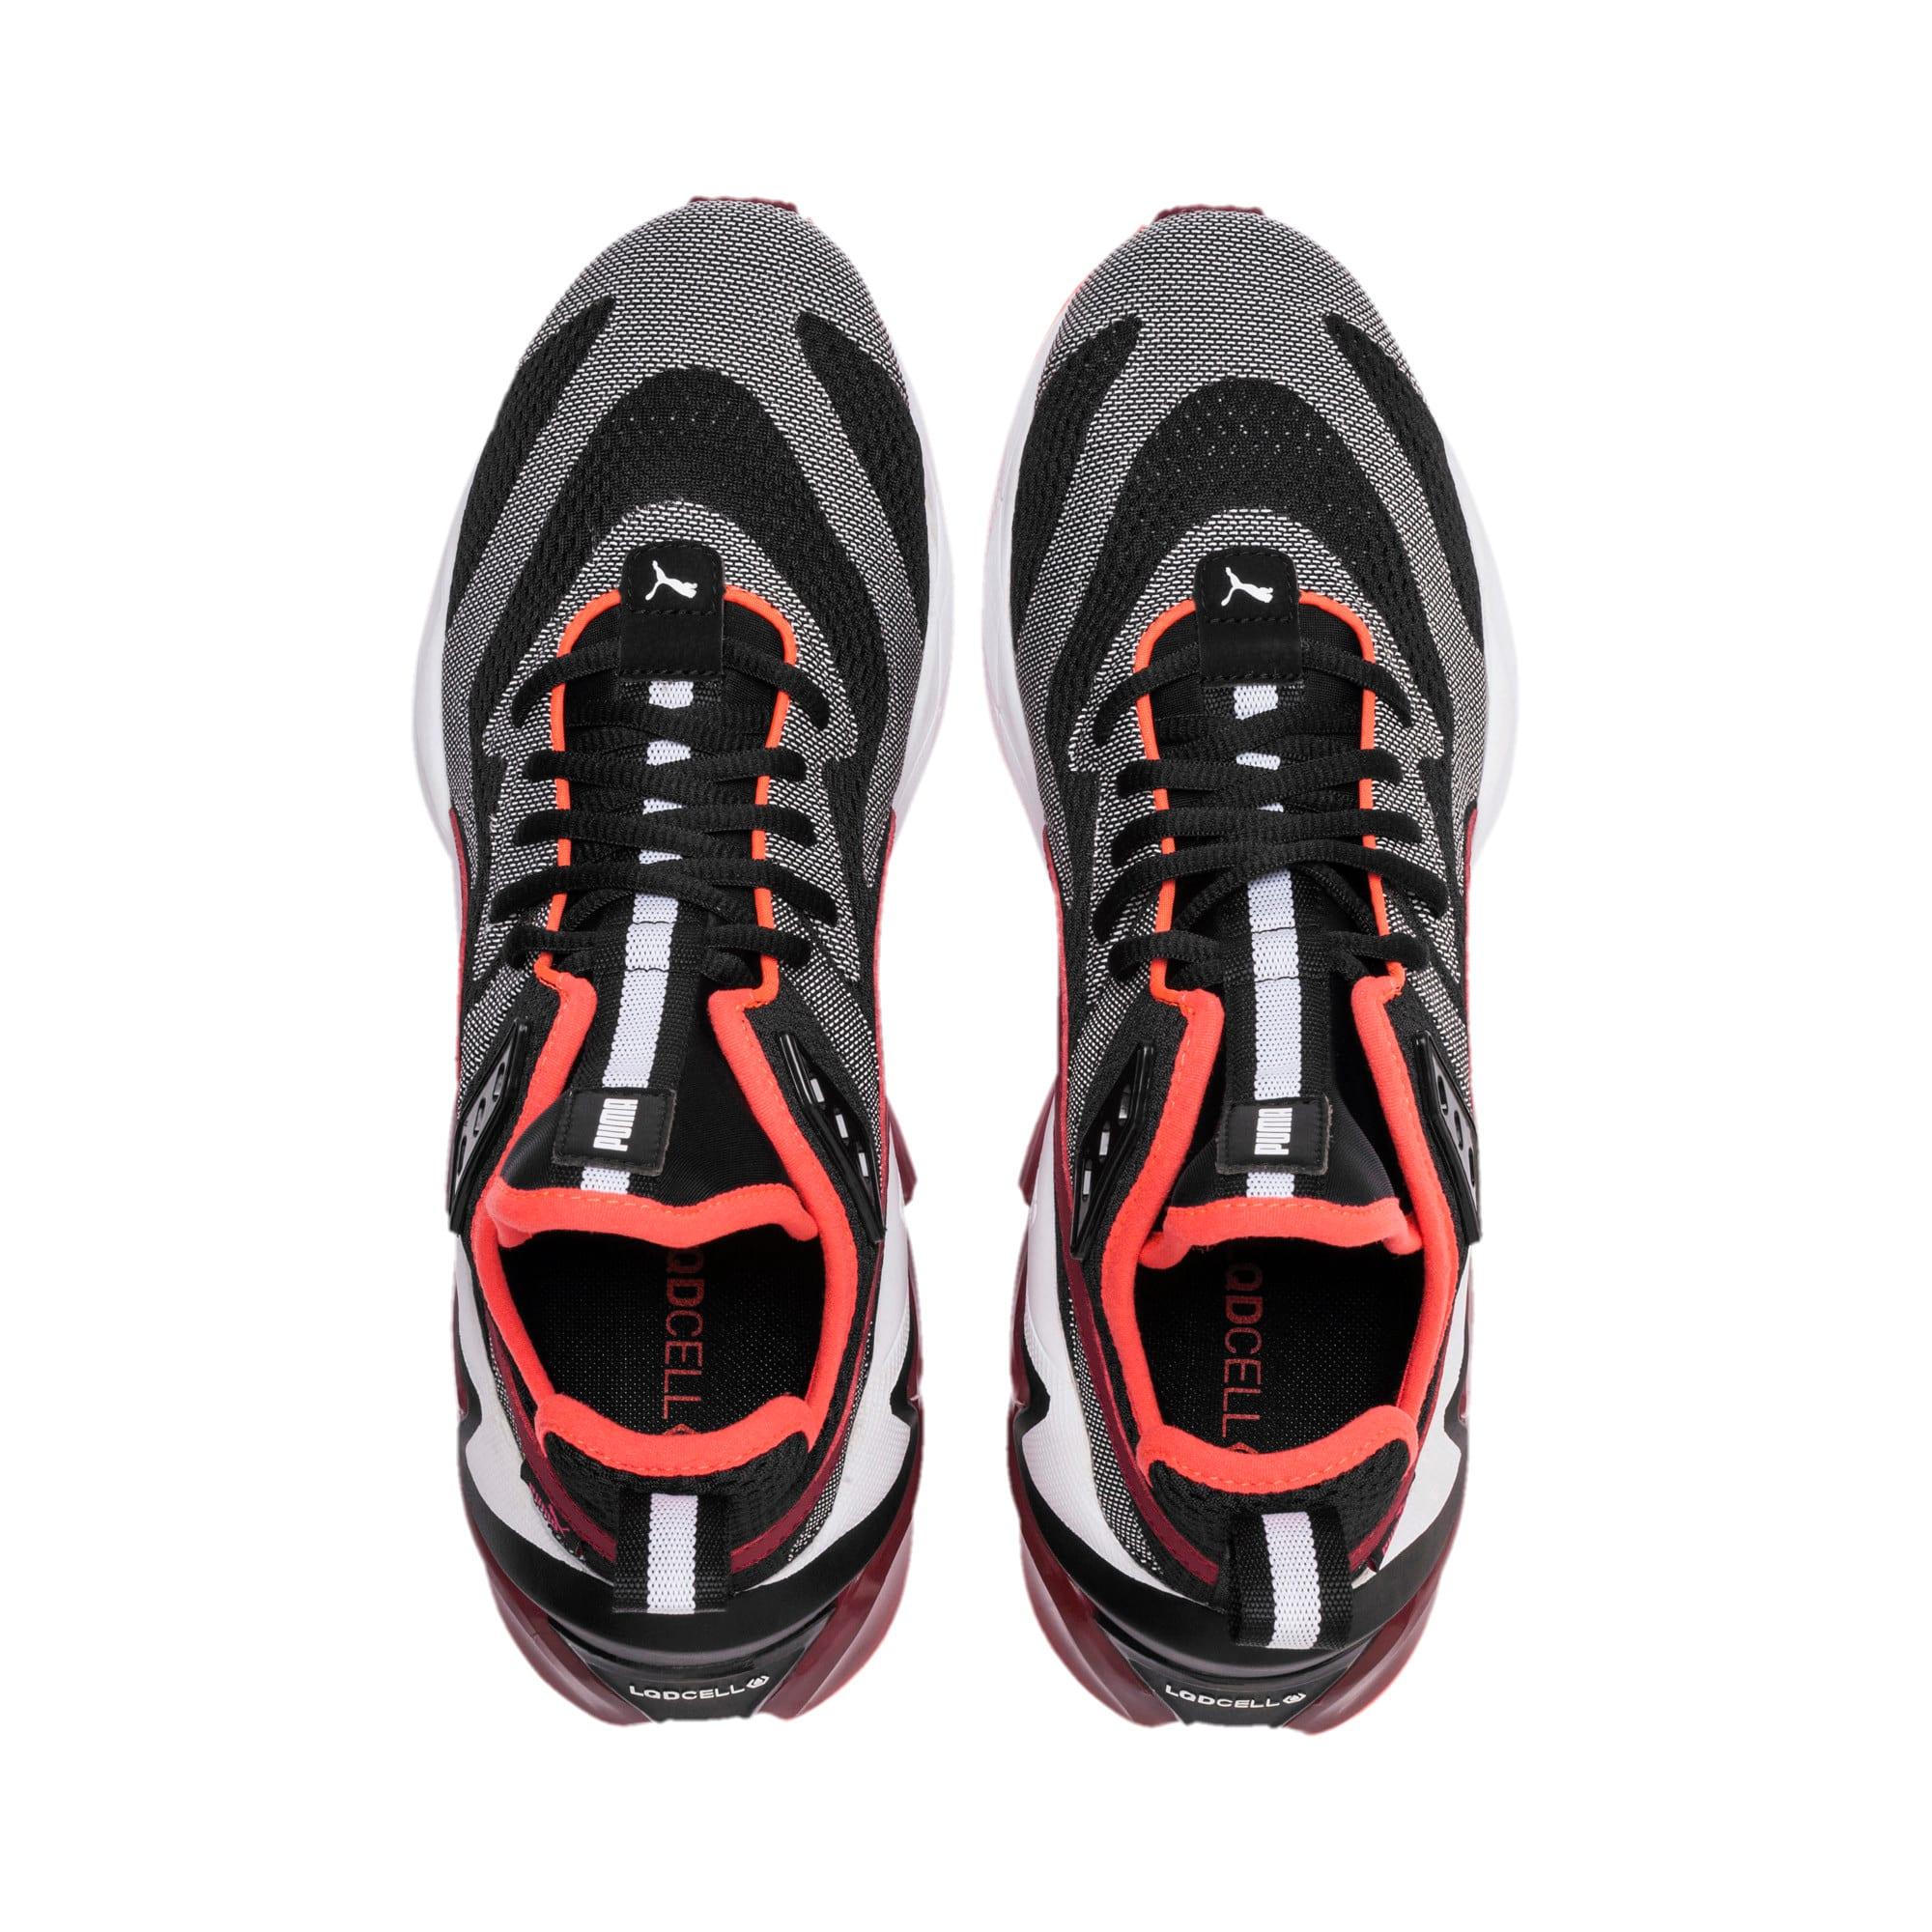 Thumbnail 7 of Chaussure d'entraînement LQDCELL Origin Tech pour homme, Puma Black-Rhubarb, medium